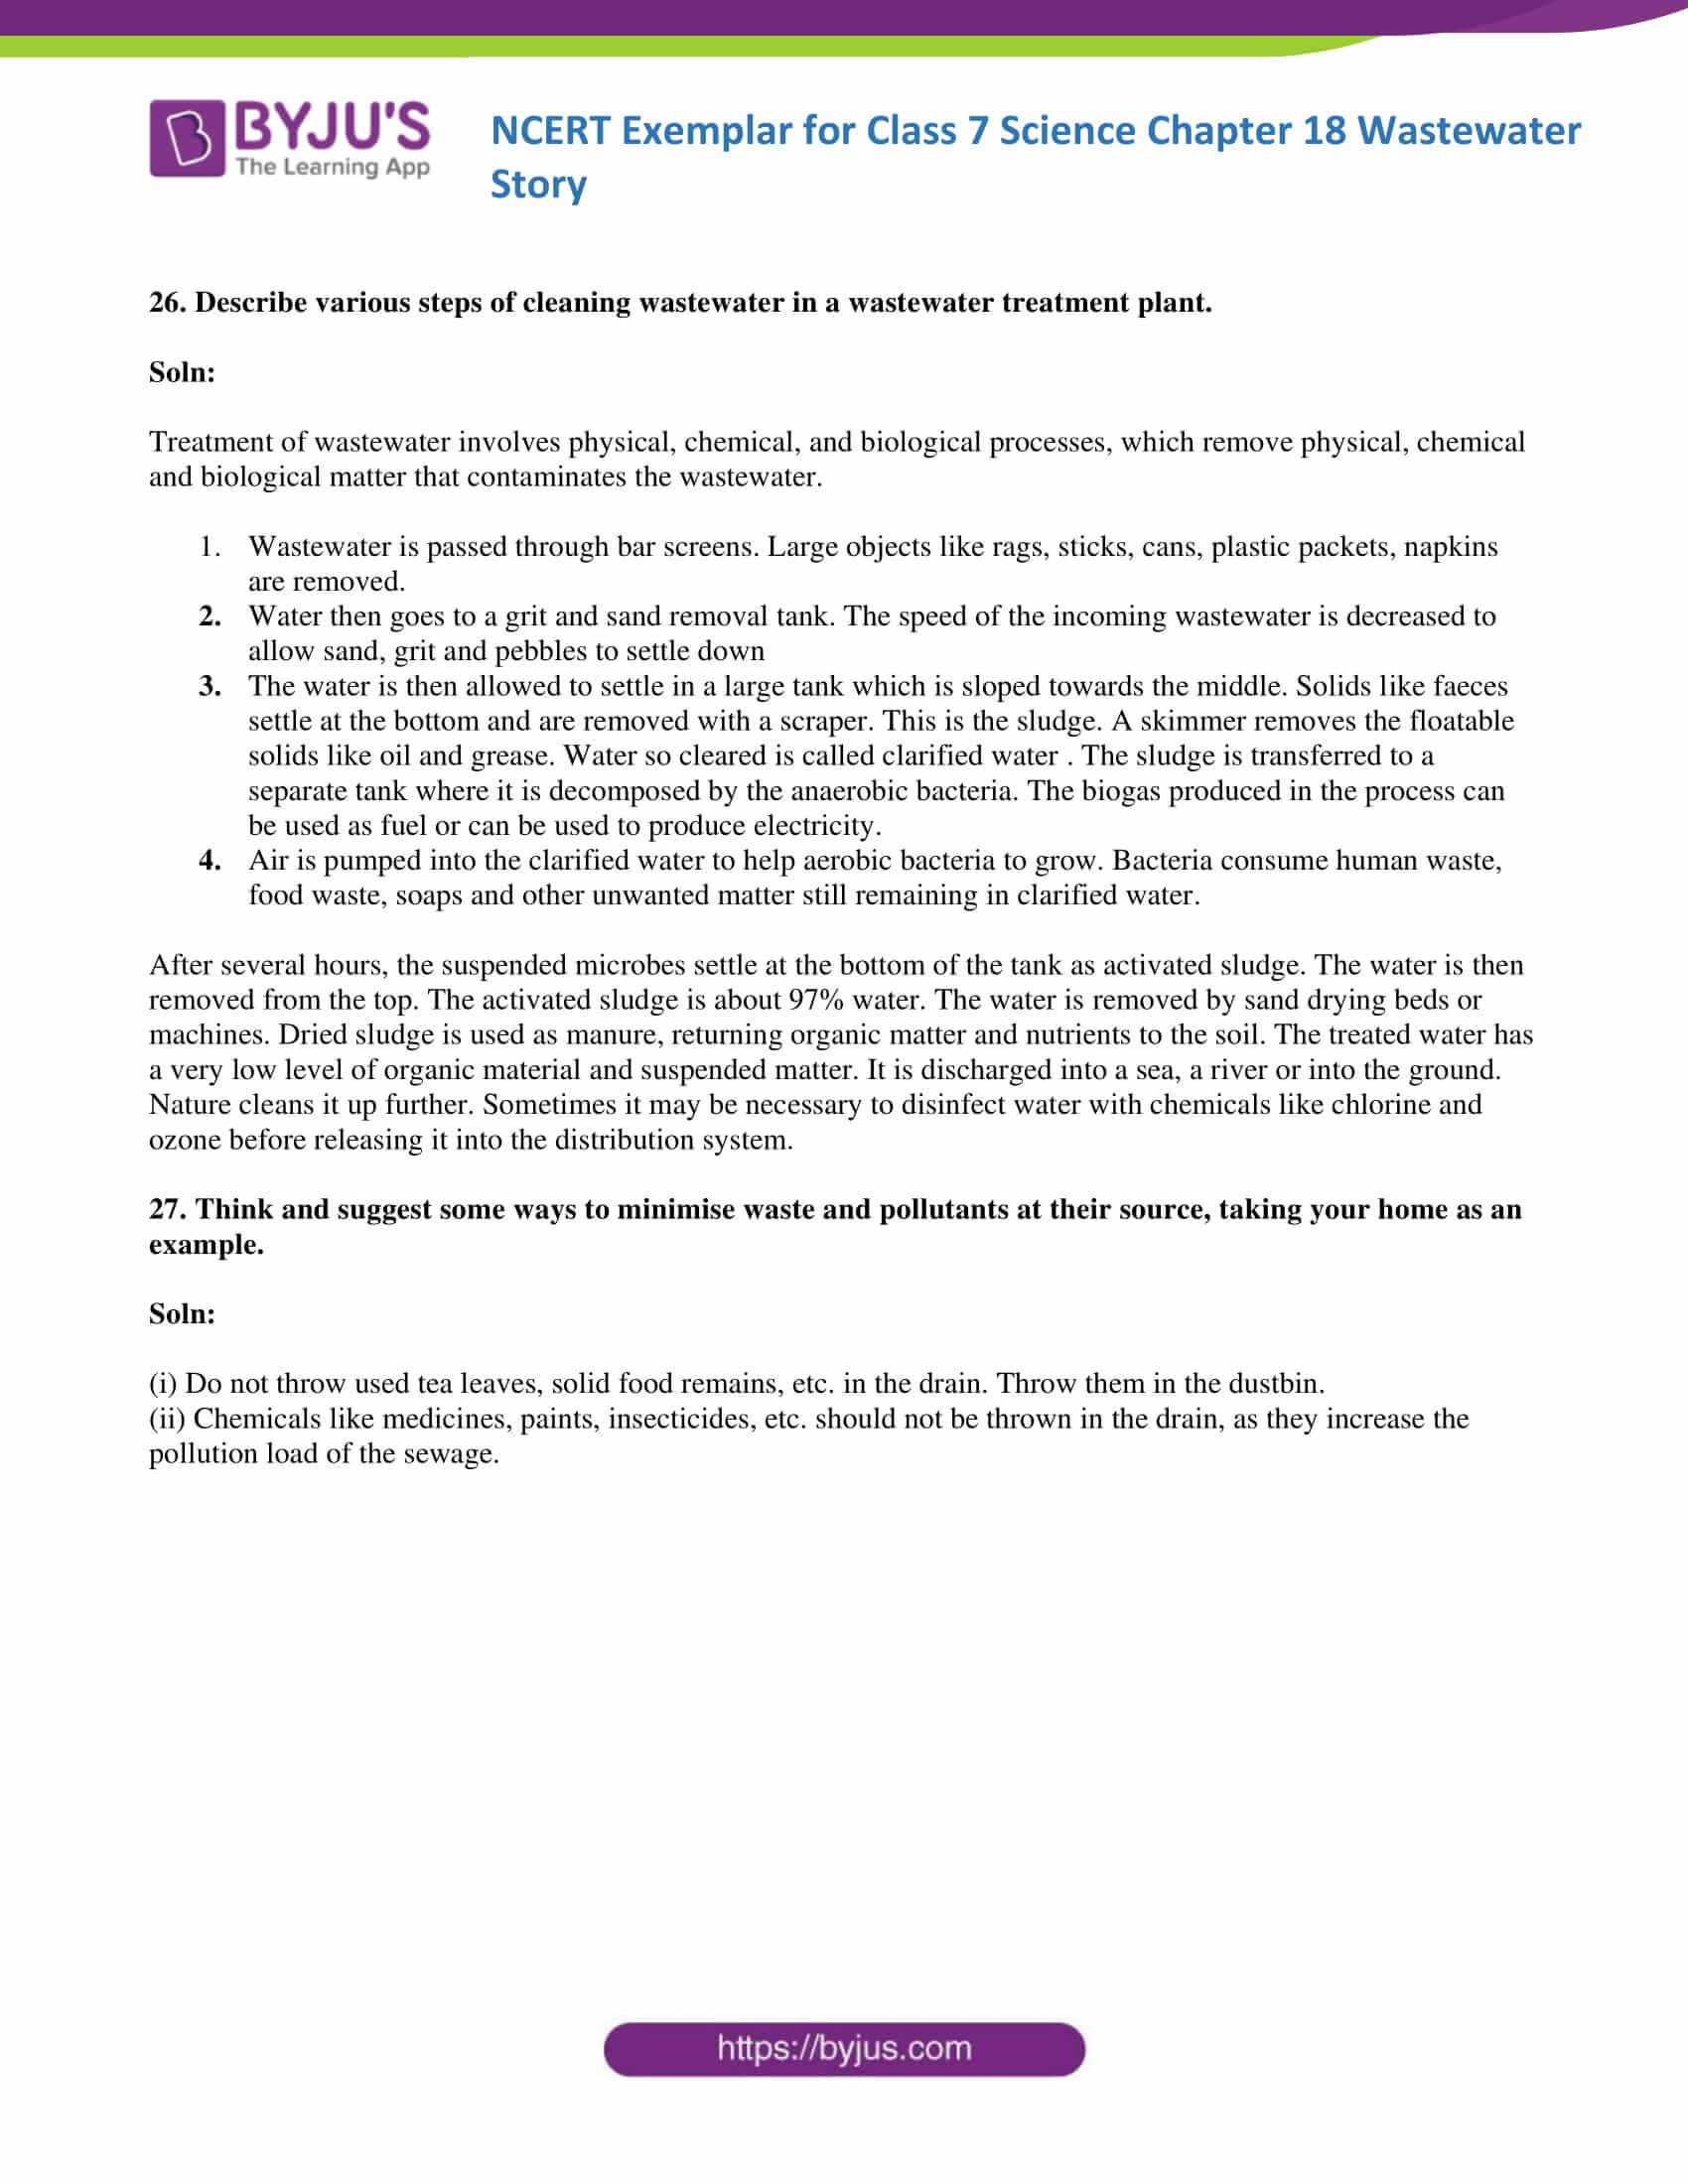 NCERT Exemplar solution class 7 science Chapter 18 8